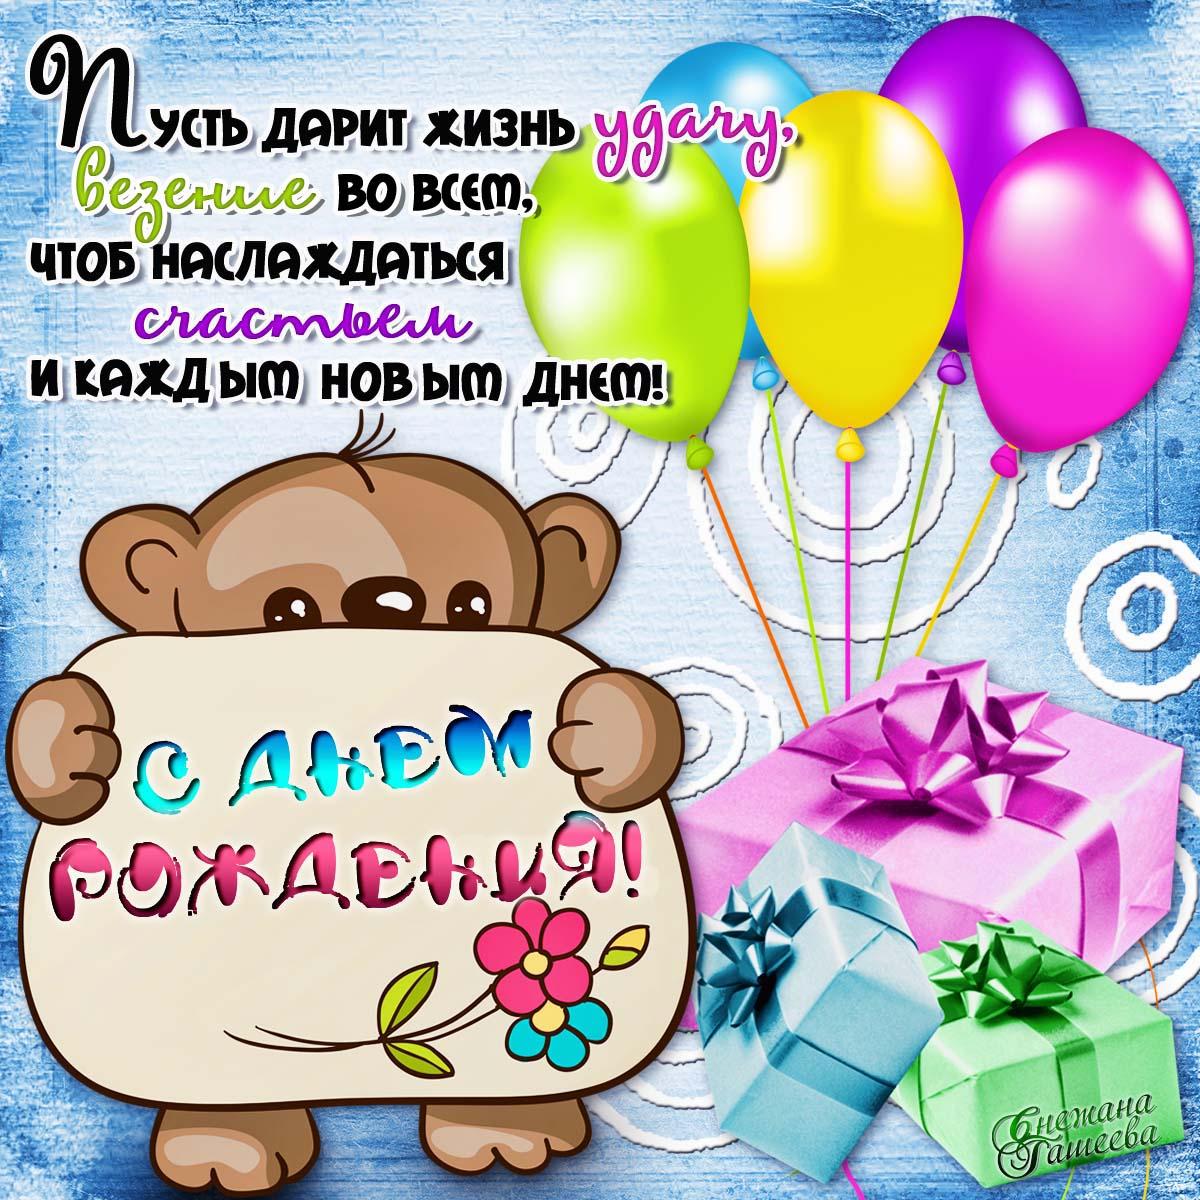 Поздравления универсальные с днем рождения в прозе